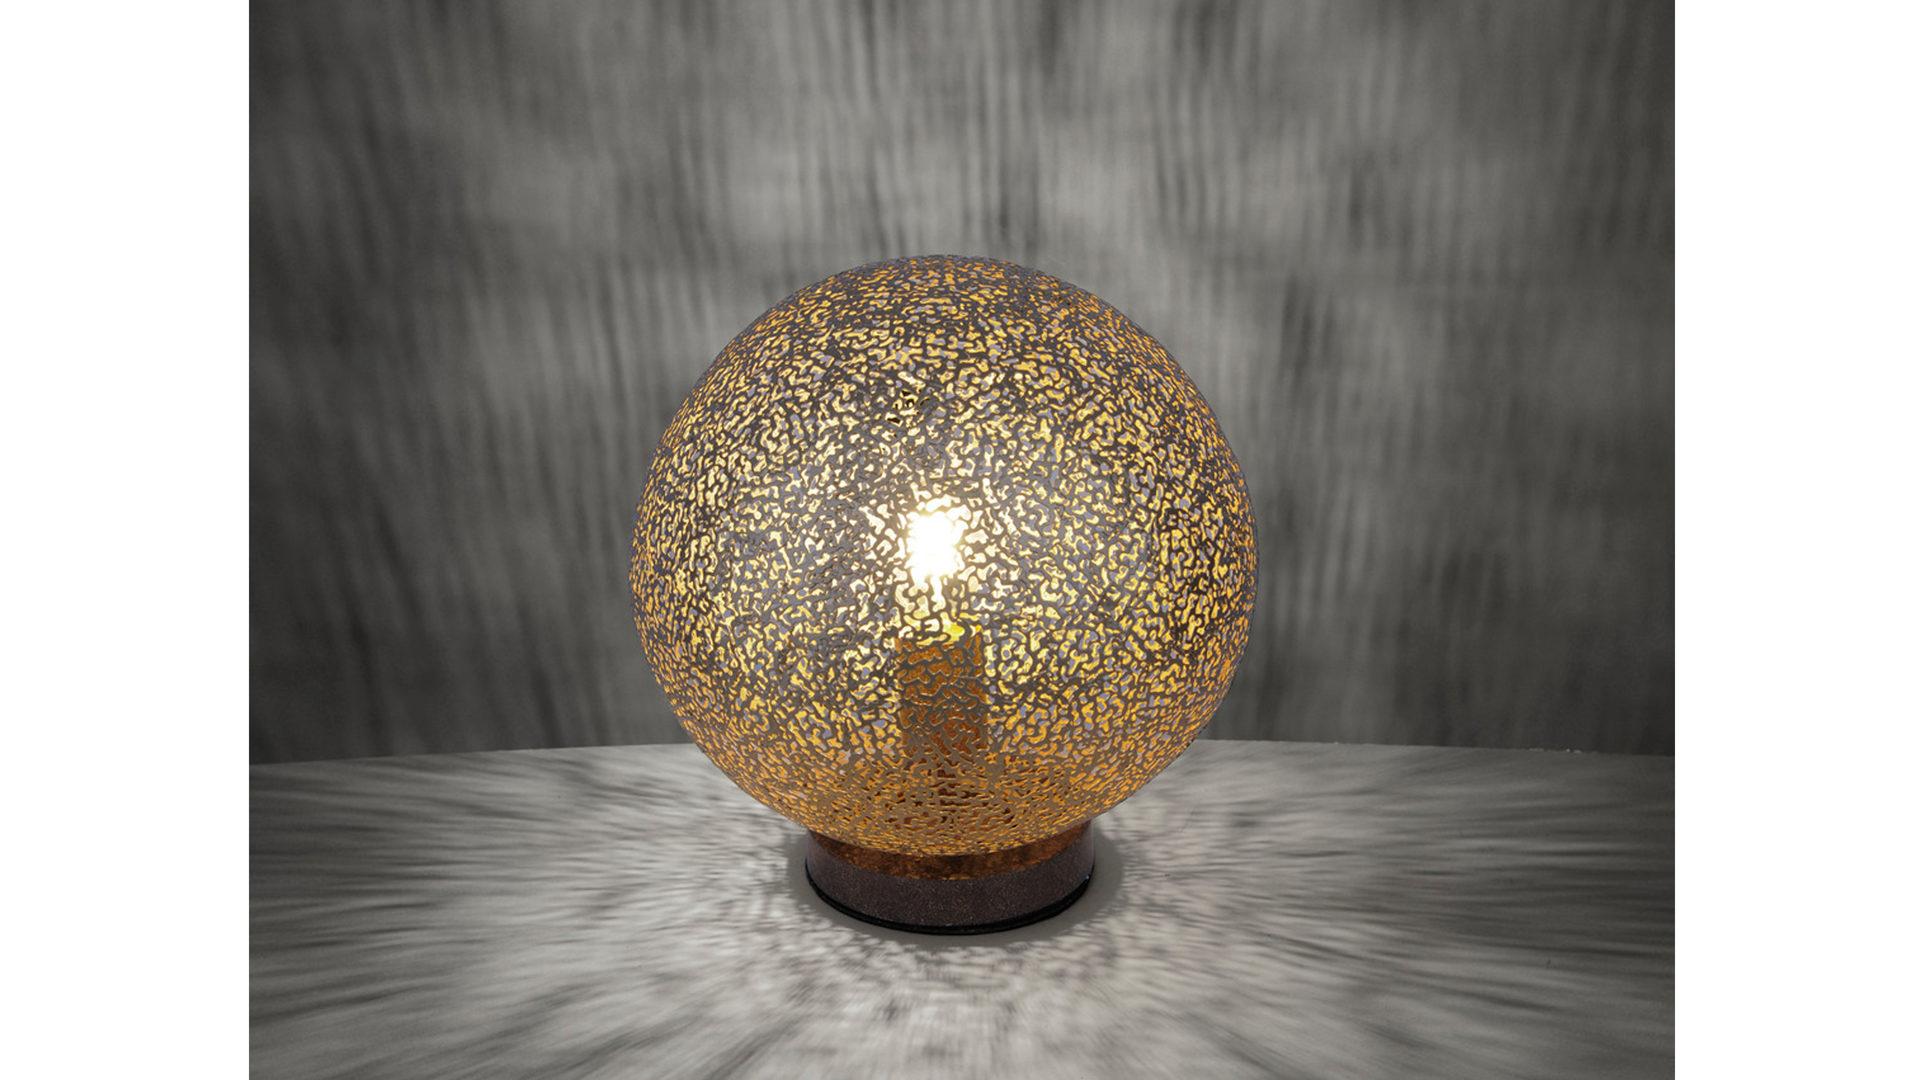 Möbel bernskötter mülheim räume wohnzimmer lampen leuchten